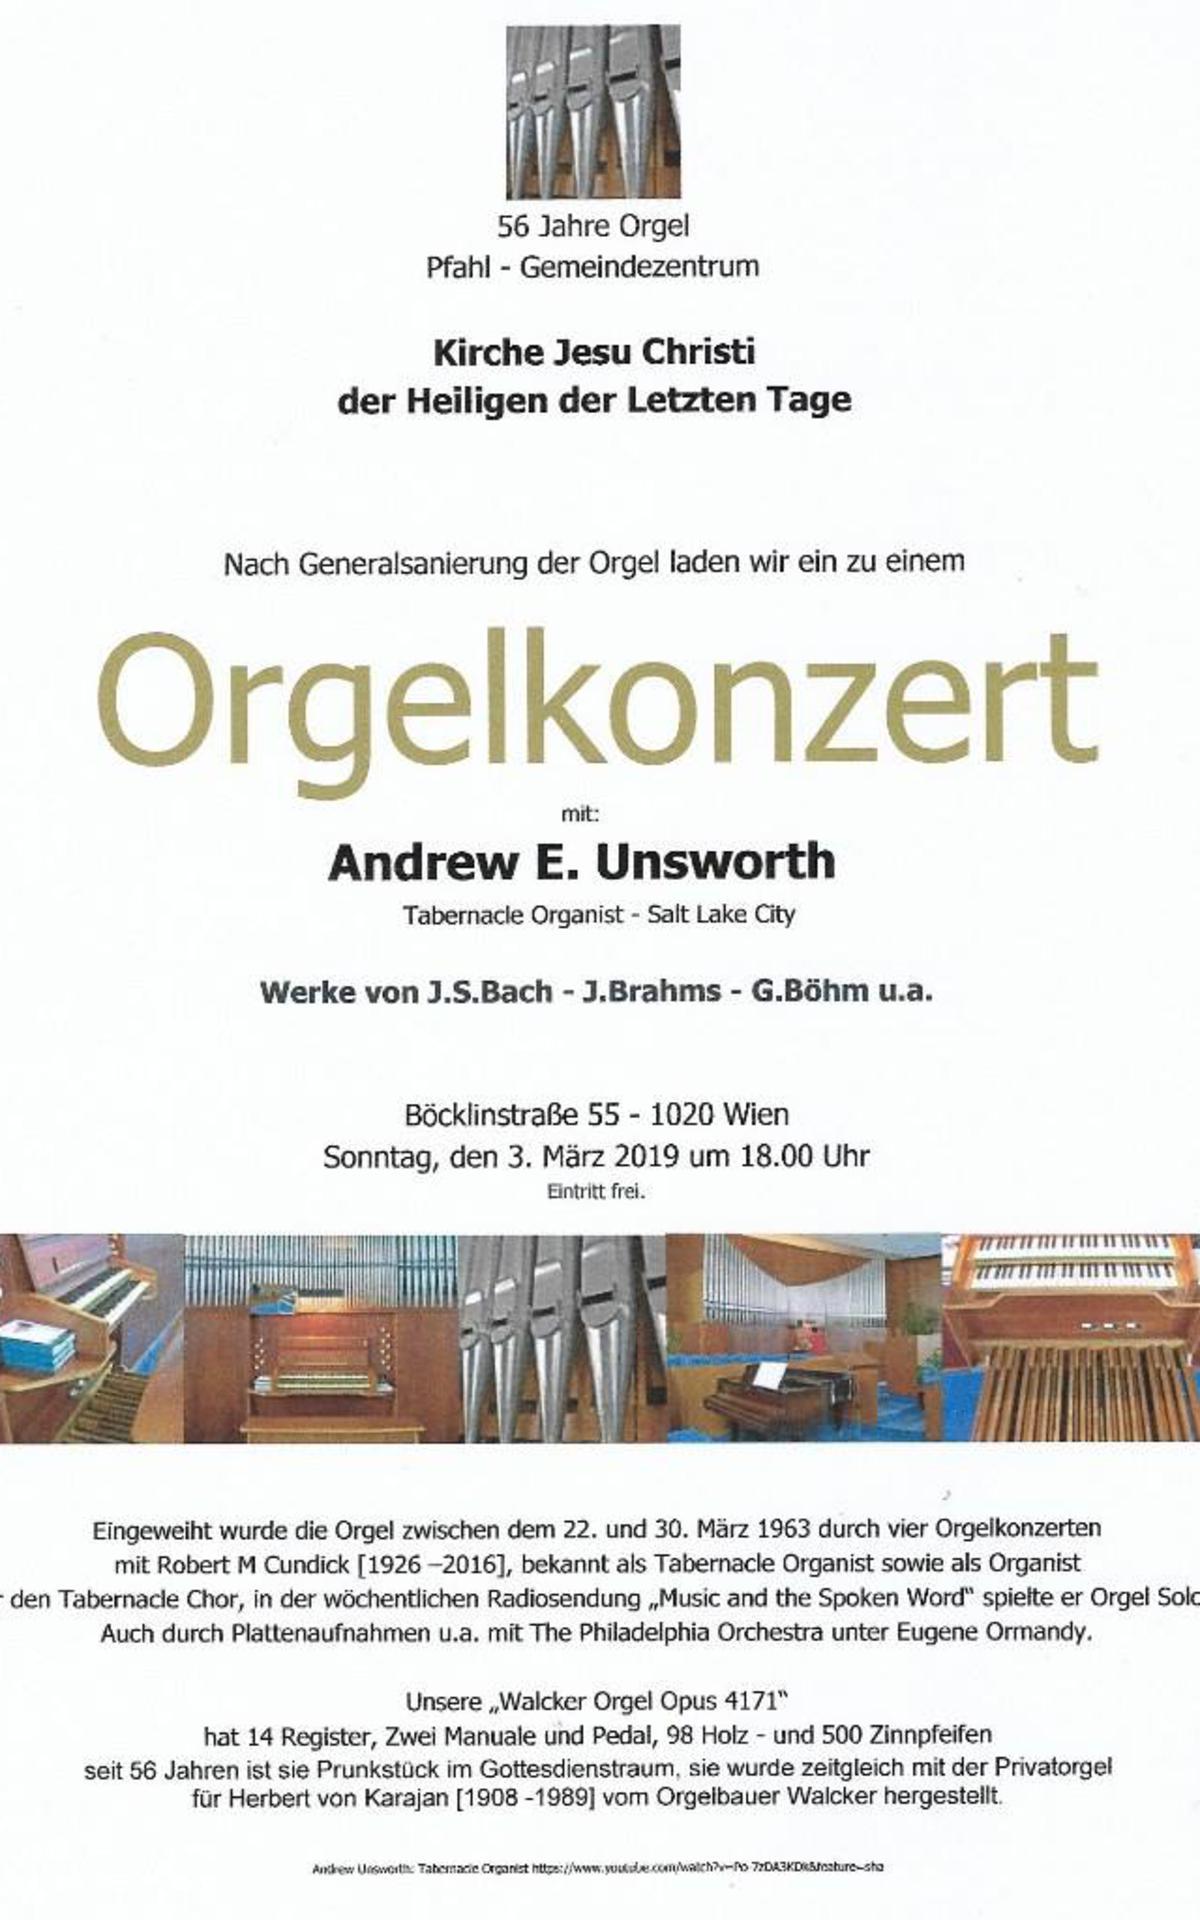 Einladung zum Orgelkonzert